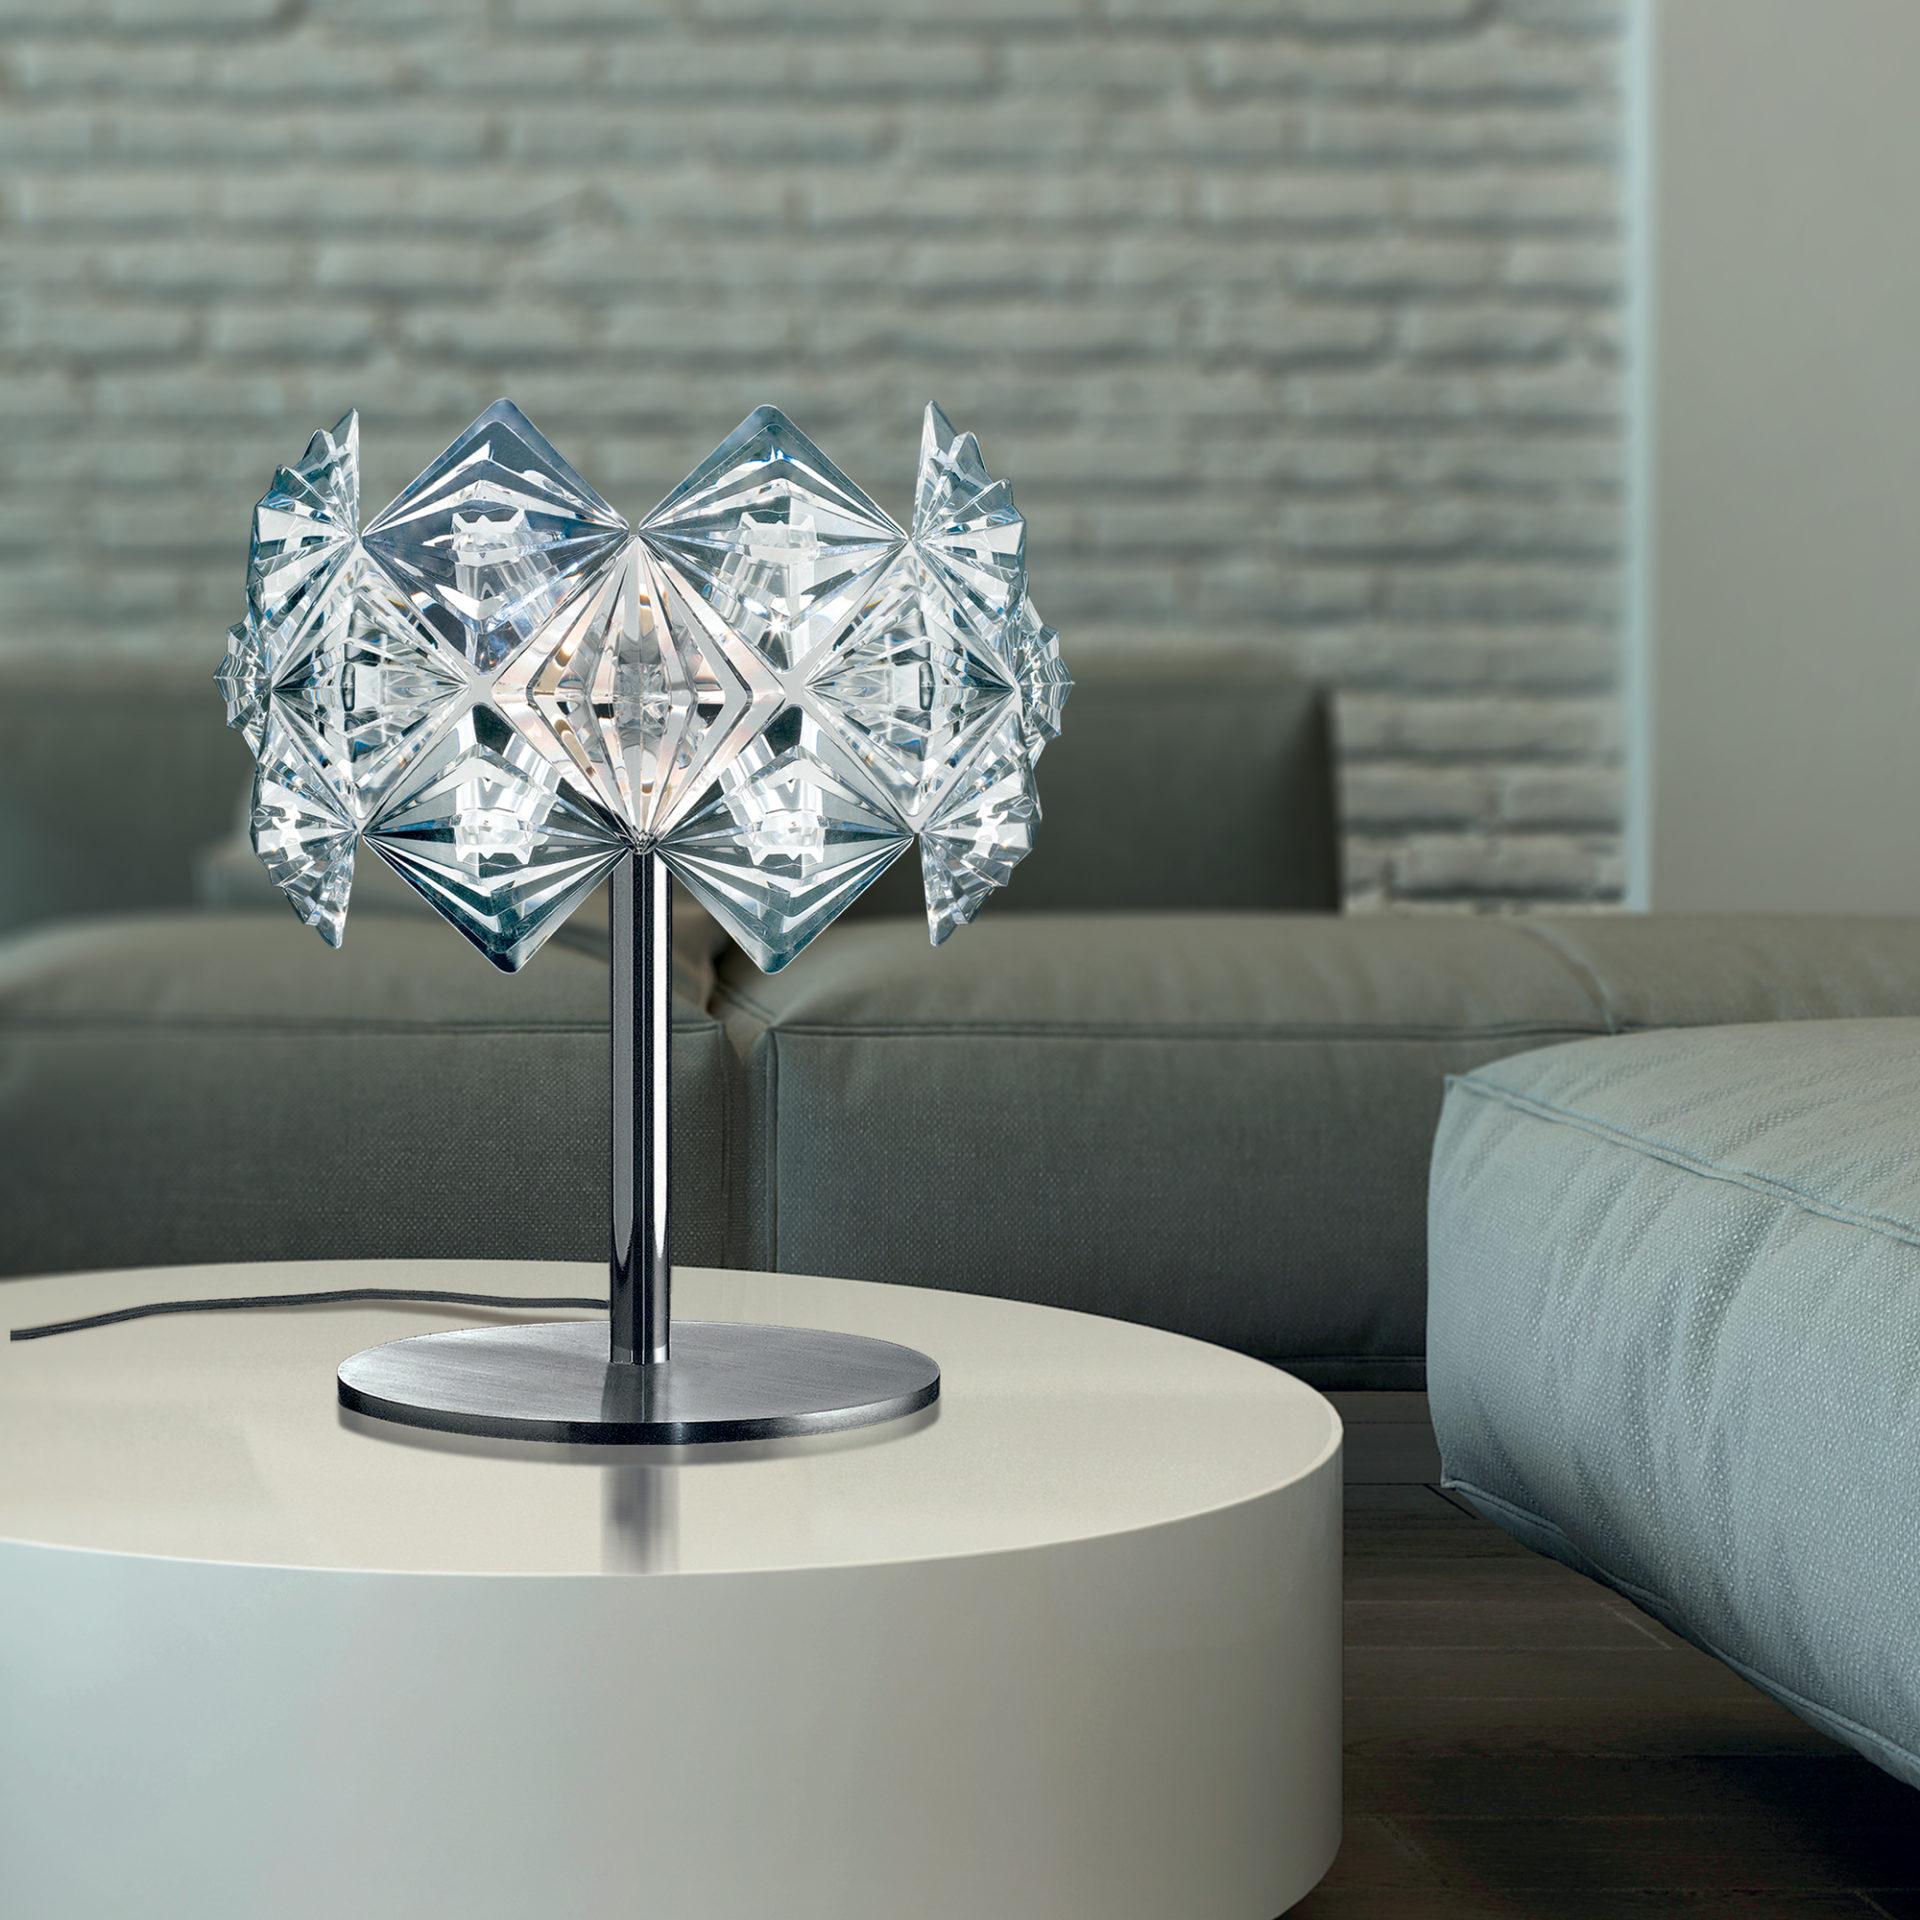 LAMPADA DA TAVOLO dal diffusore in Acrilico trasparente, sfaccettato, molto brillante e leggerissimo di forma rotonda: Prisma 820/LP